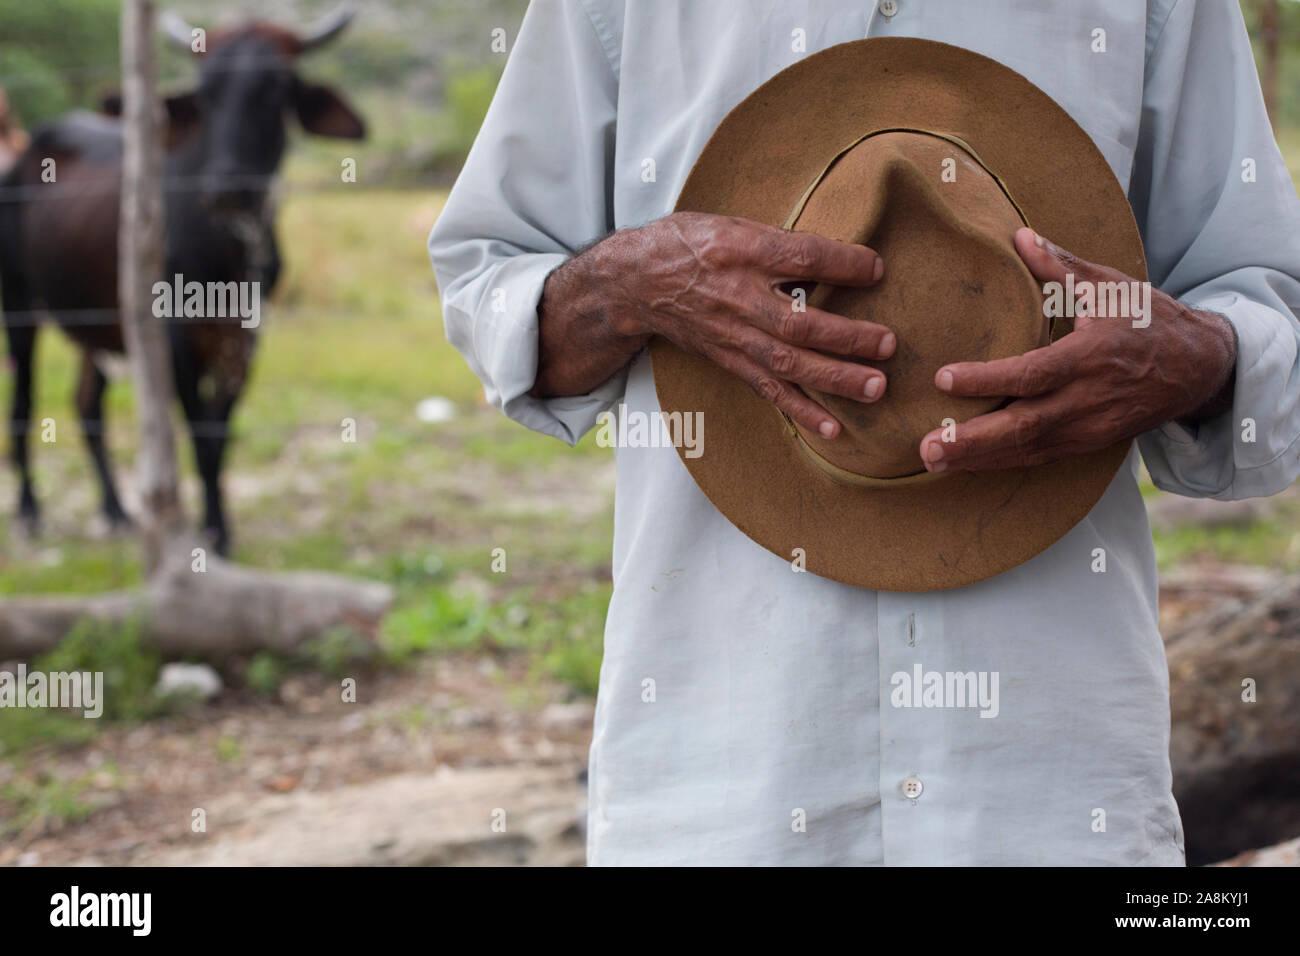 Diamantina, en el estado de Minas Gerais, Brasil - 27 de enero de 2016: Senior agricultor brasileño celebración cowboy hat contra el pecho Foto de stock